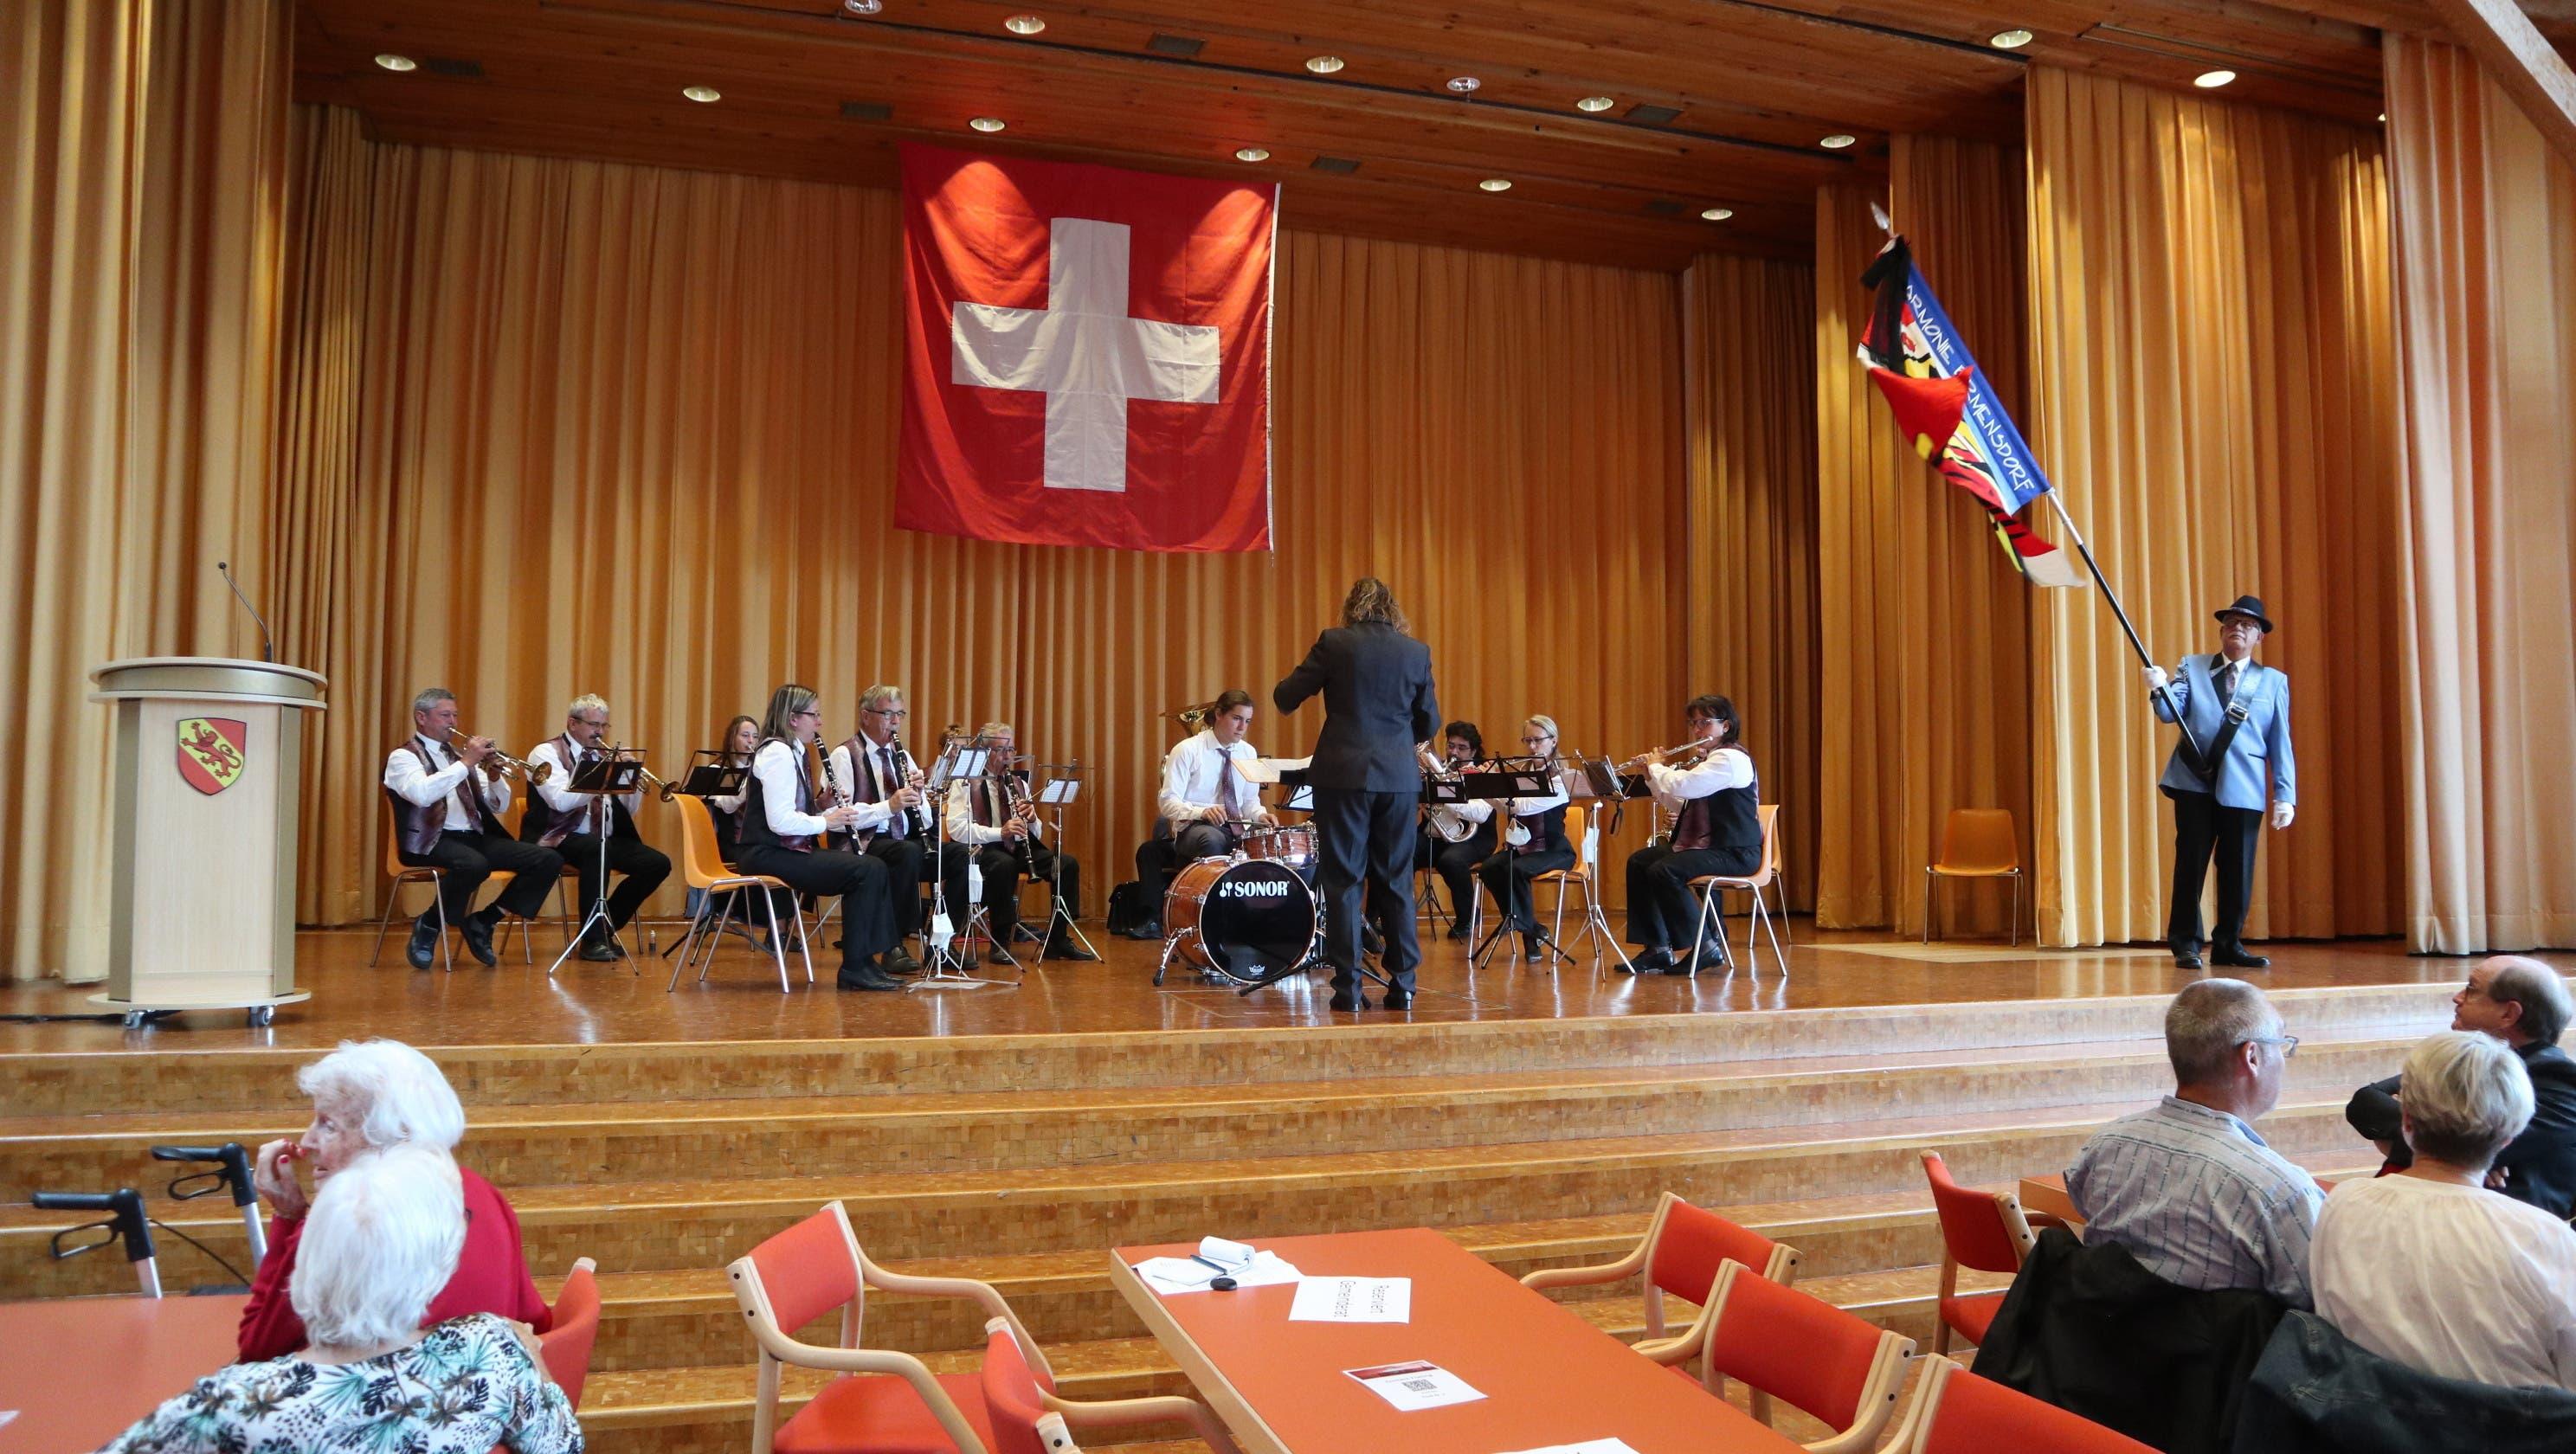 Untermalt wurde die Feier von der Harmonie Birmensdorf.